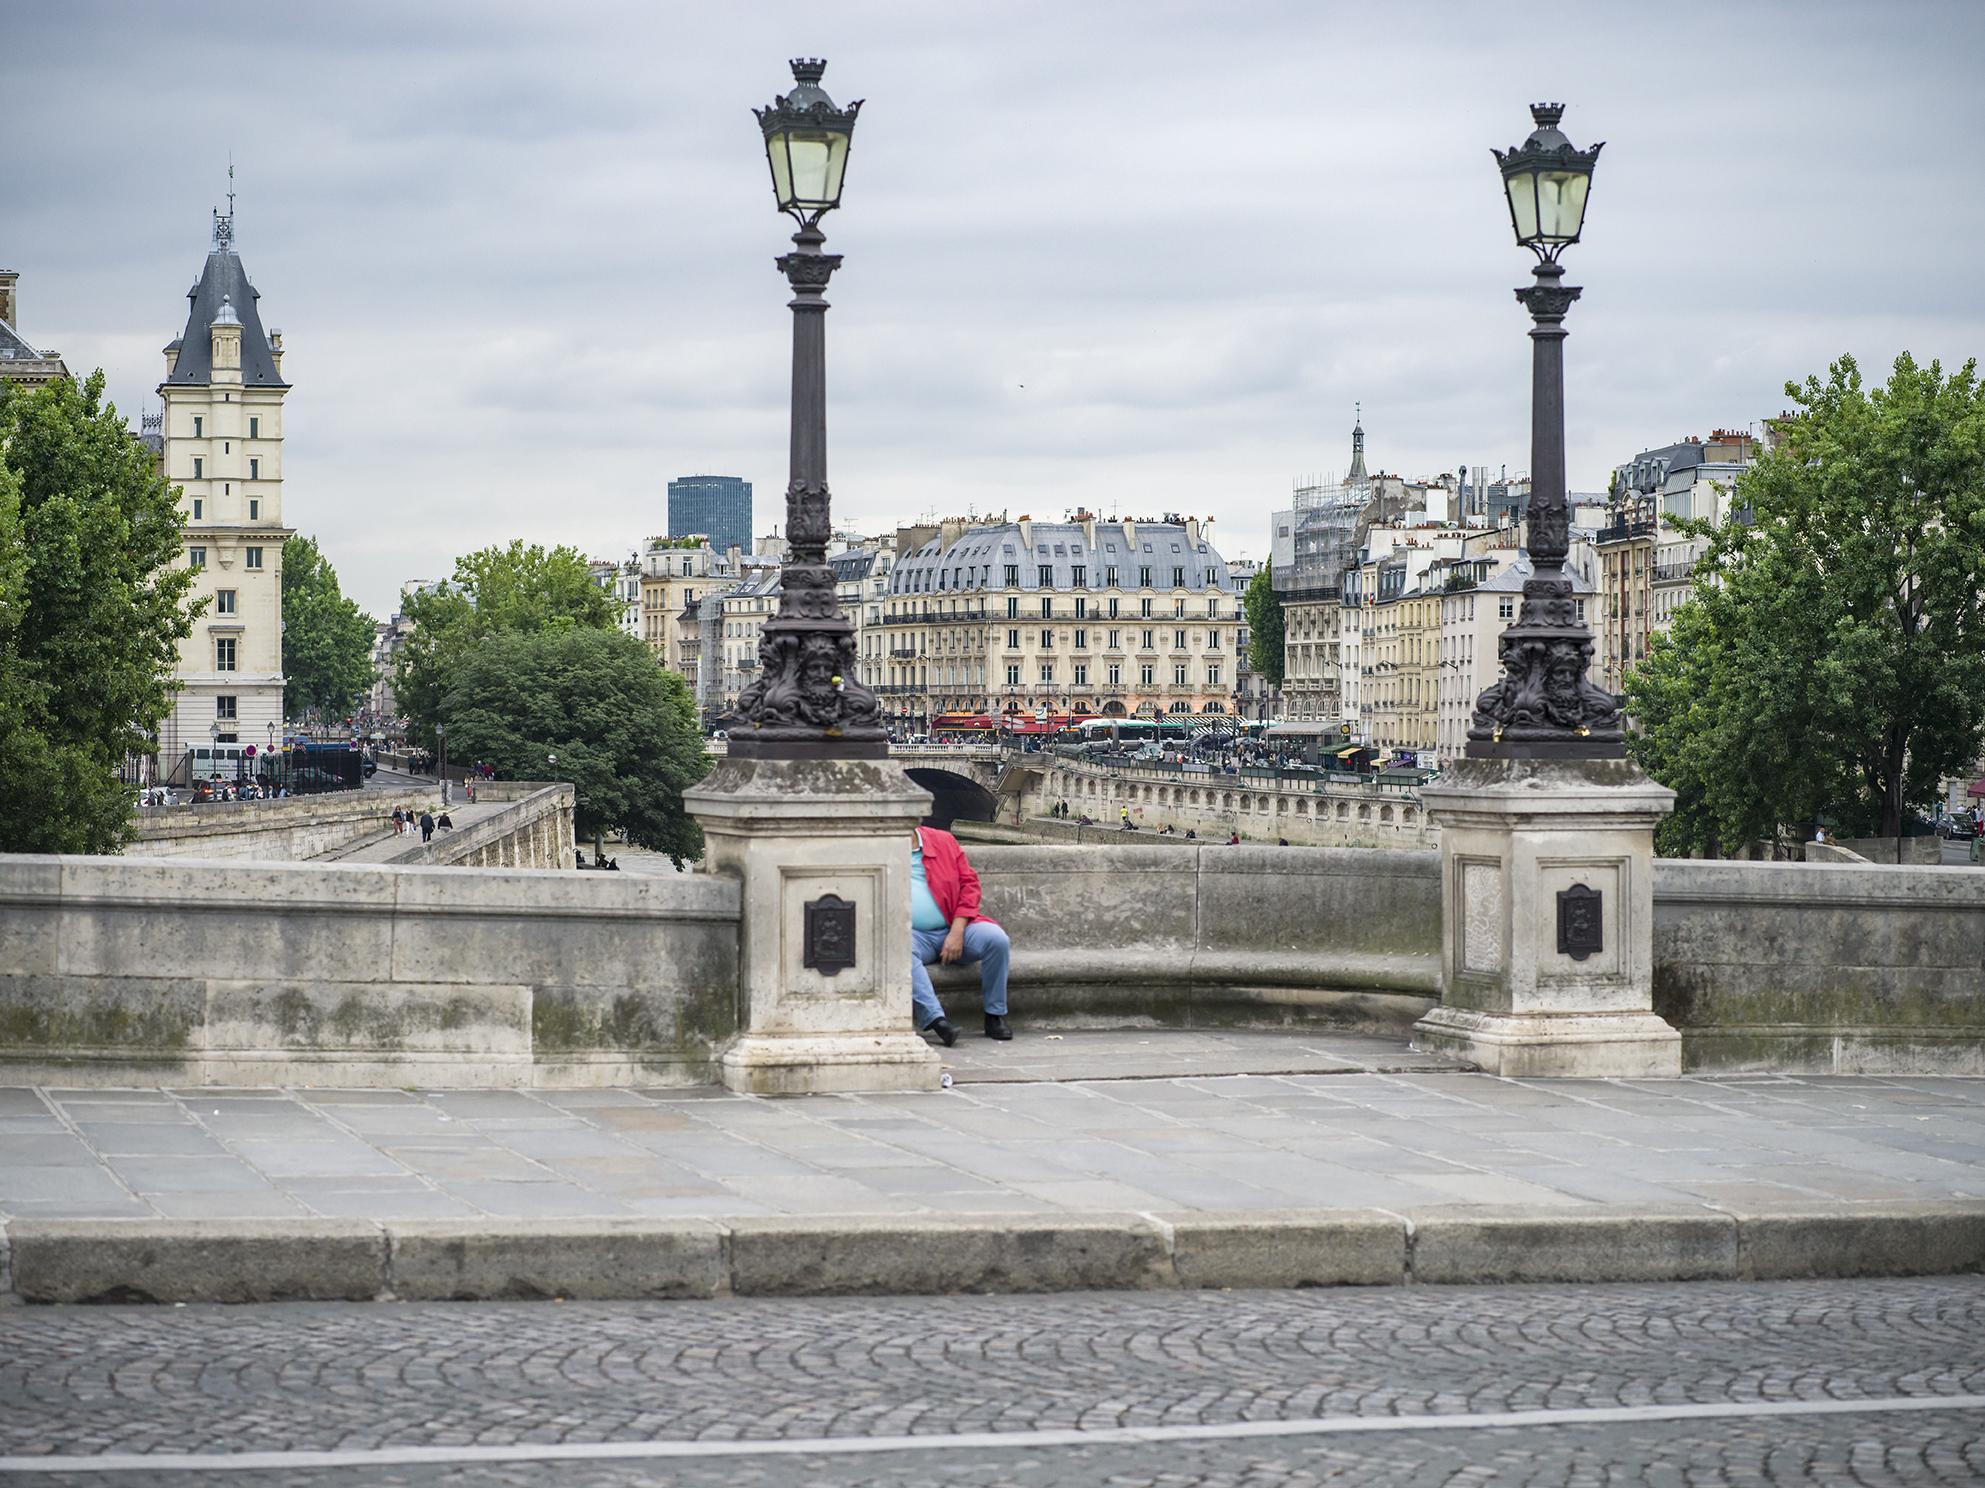 Paris, France. June 2018.